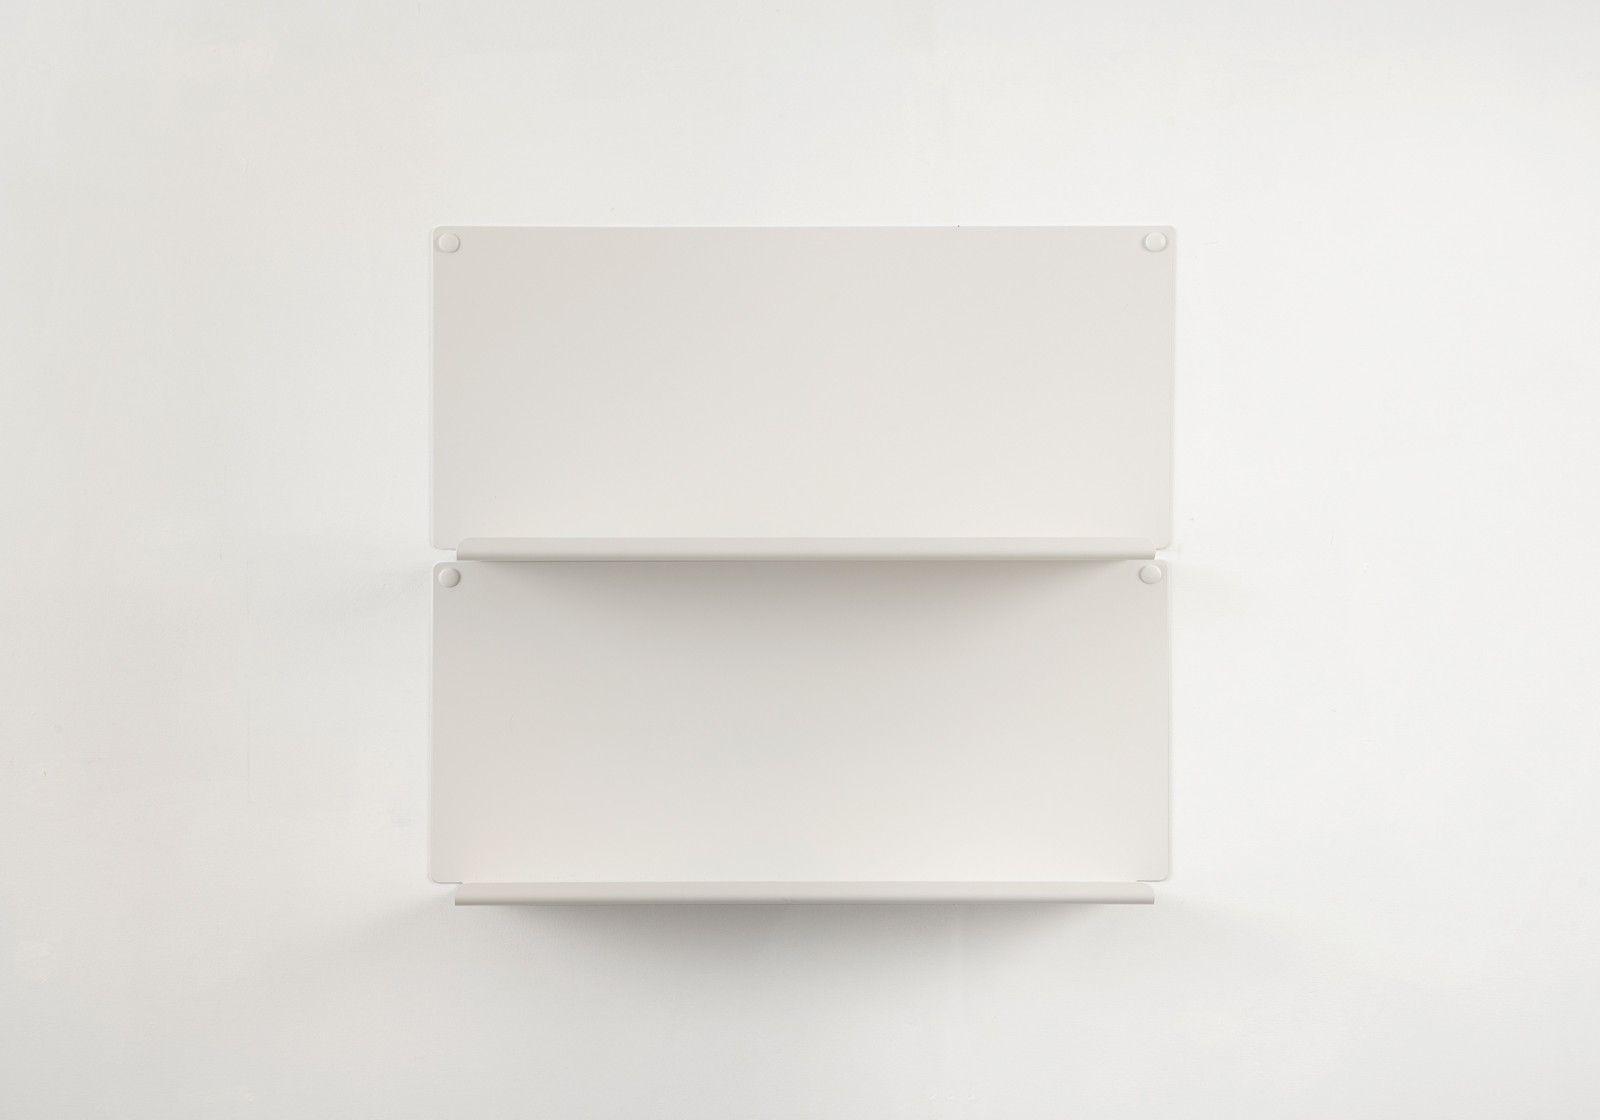 """Etagere 45 Cm Largeur Étagère pour salle de bain """"le"""" - lot de 2 - 45 x10 cm - acier - blanc"""